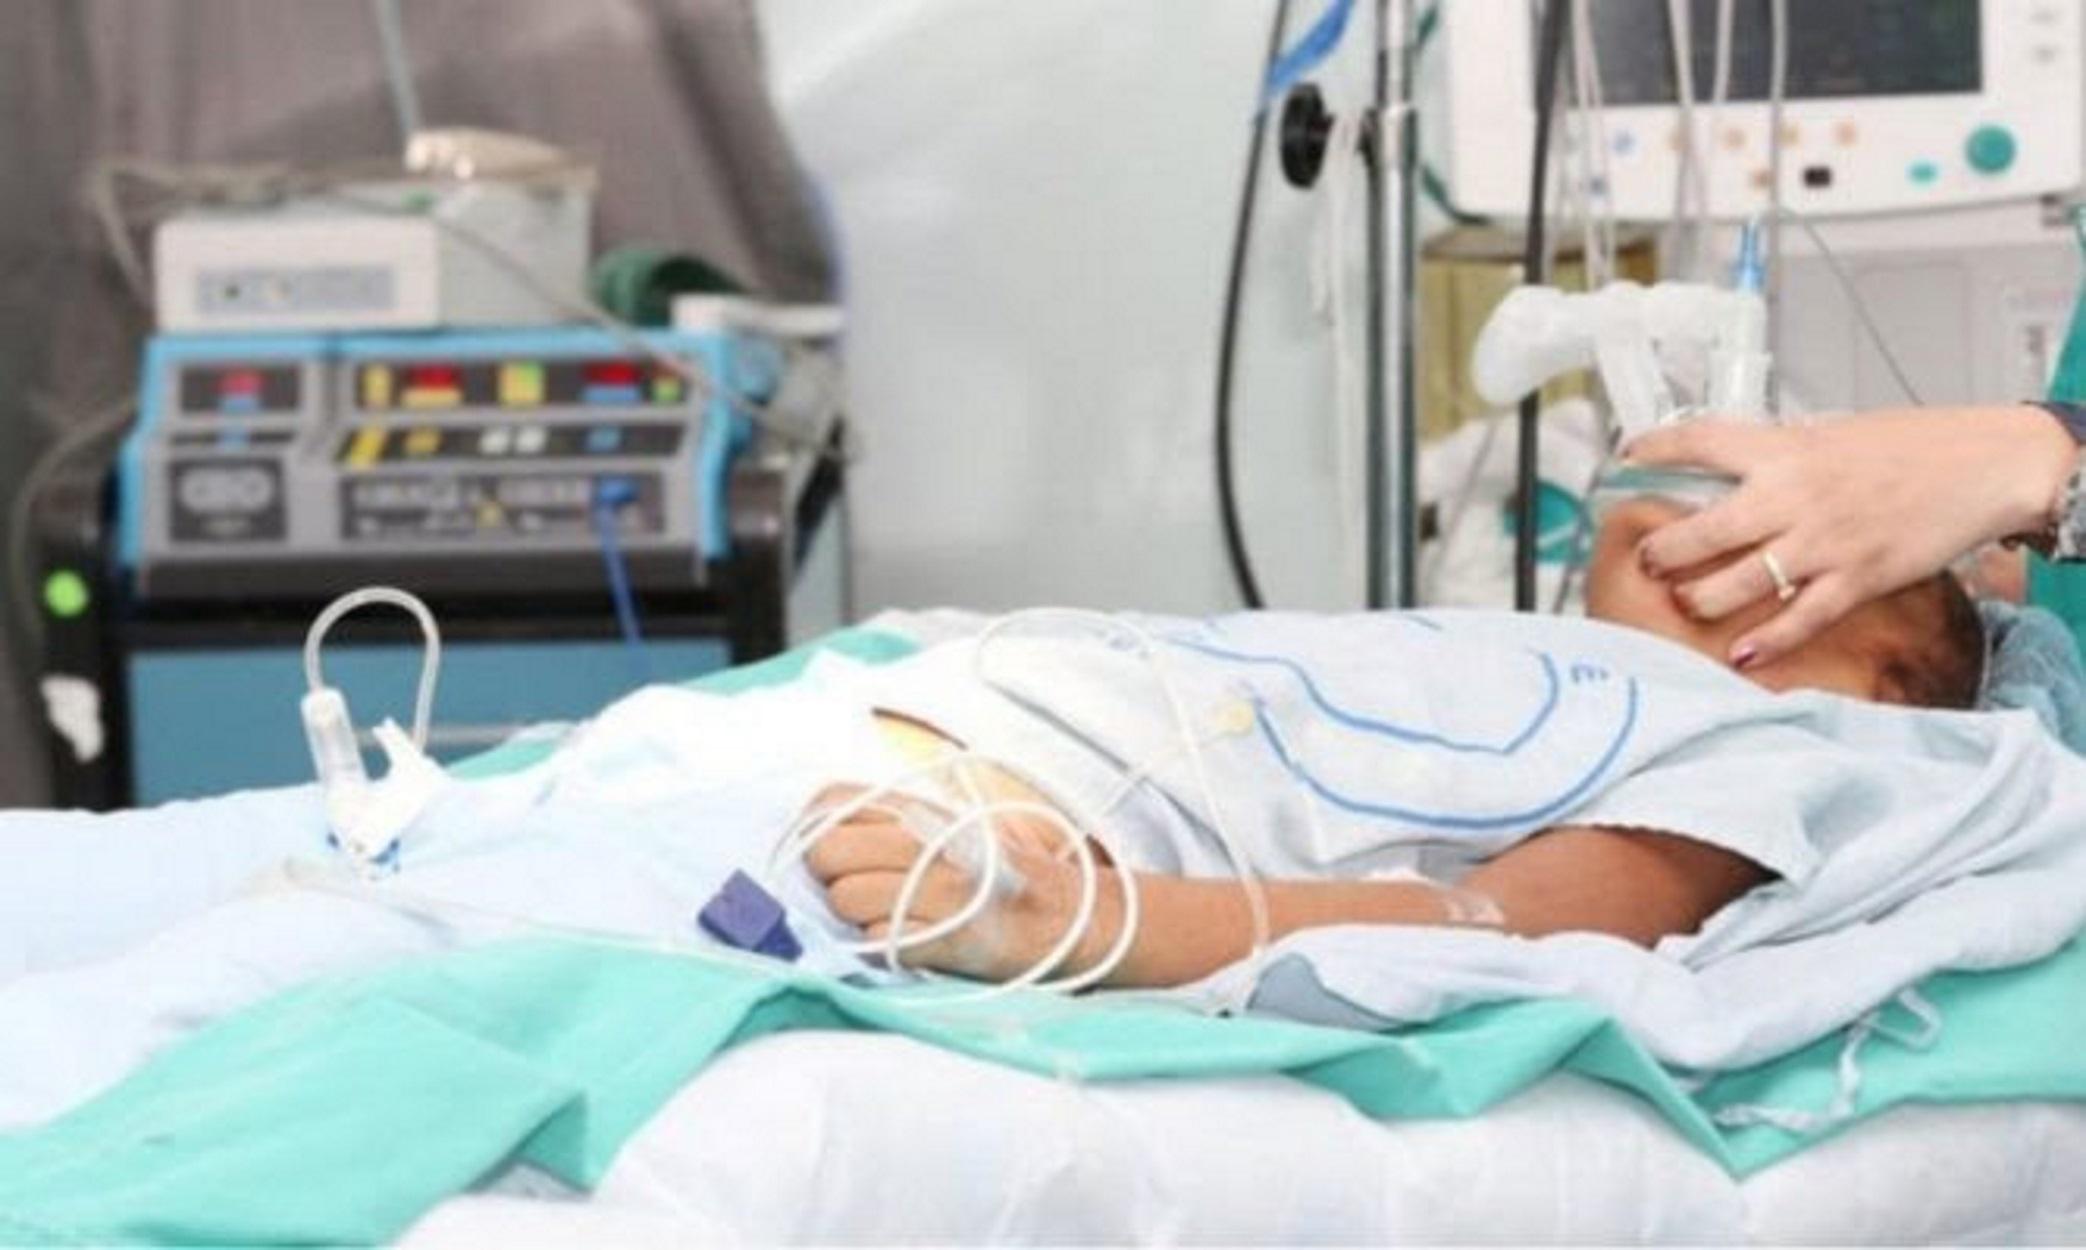 Αεροδιακομιδή στο Ηράκλειο για 47χρονο με γρίπη - Στη ΜΕΘ του ΠΑΓΝΗ δύο ασθενείς